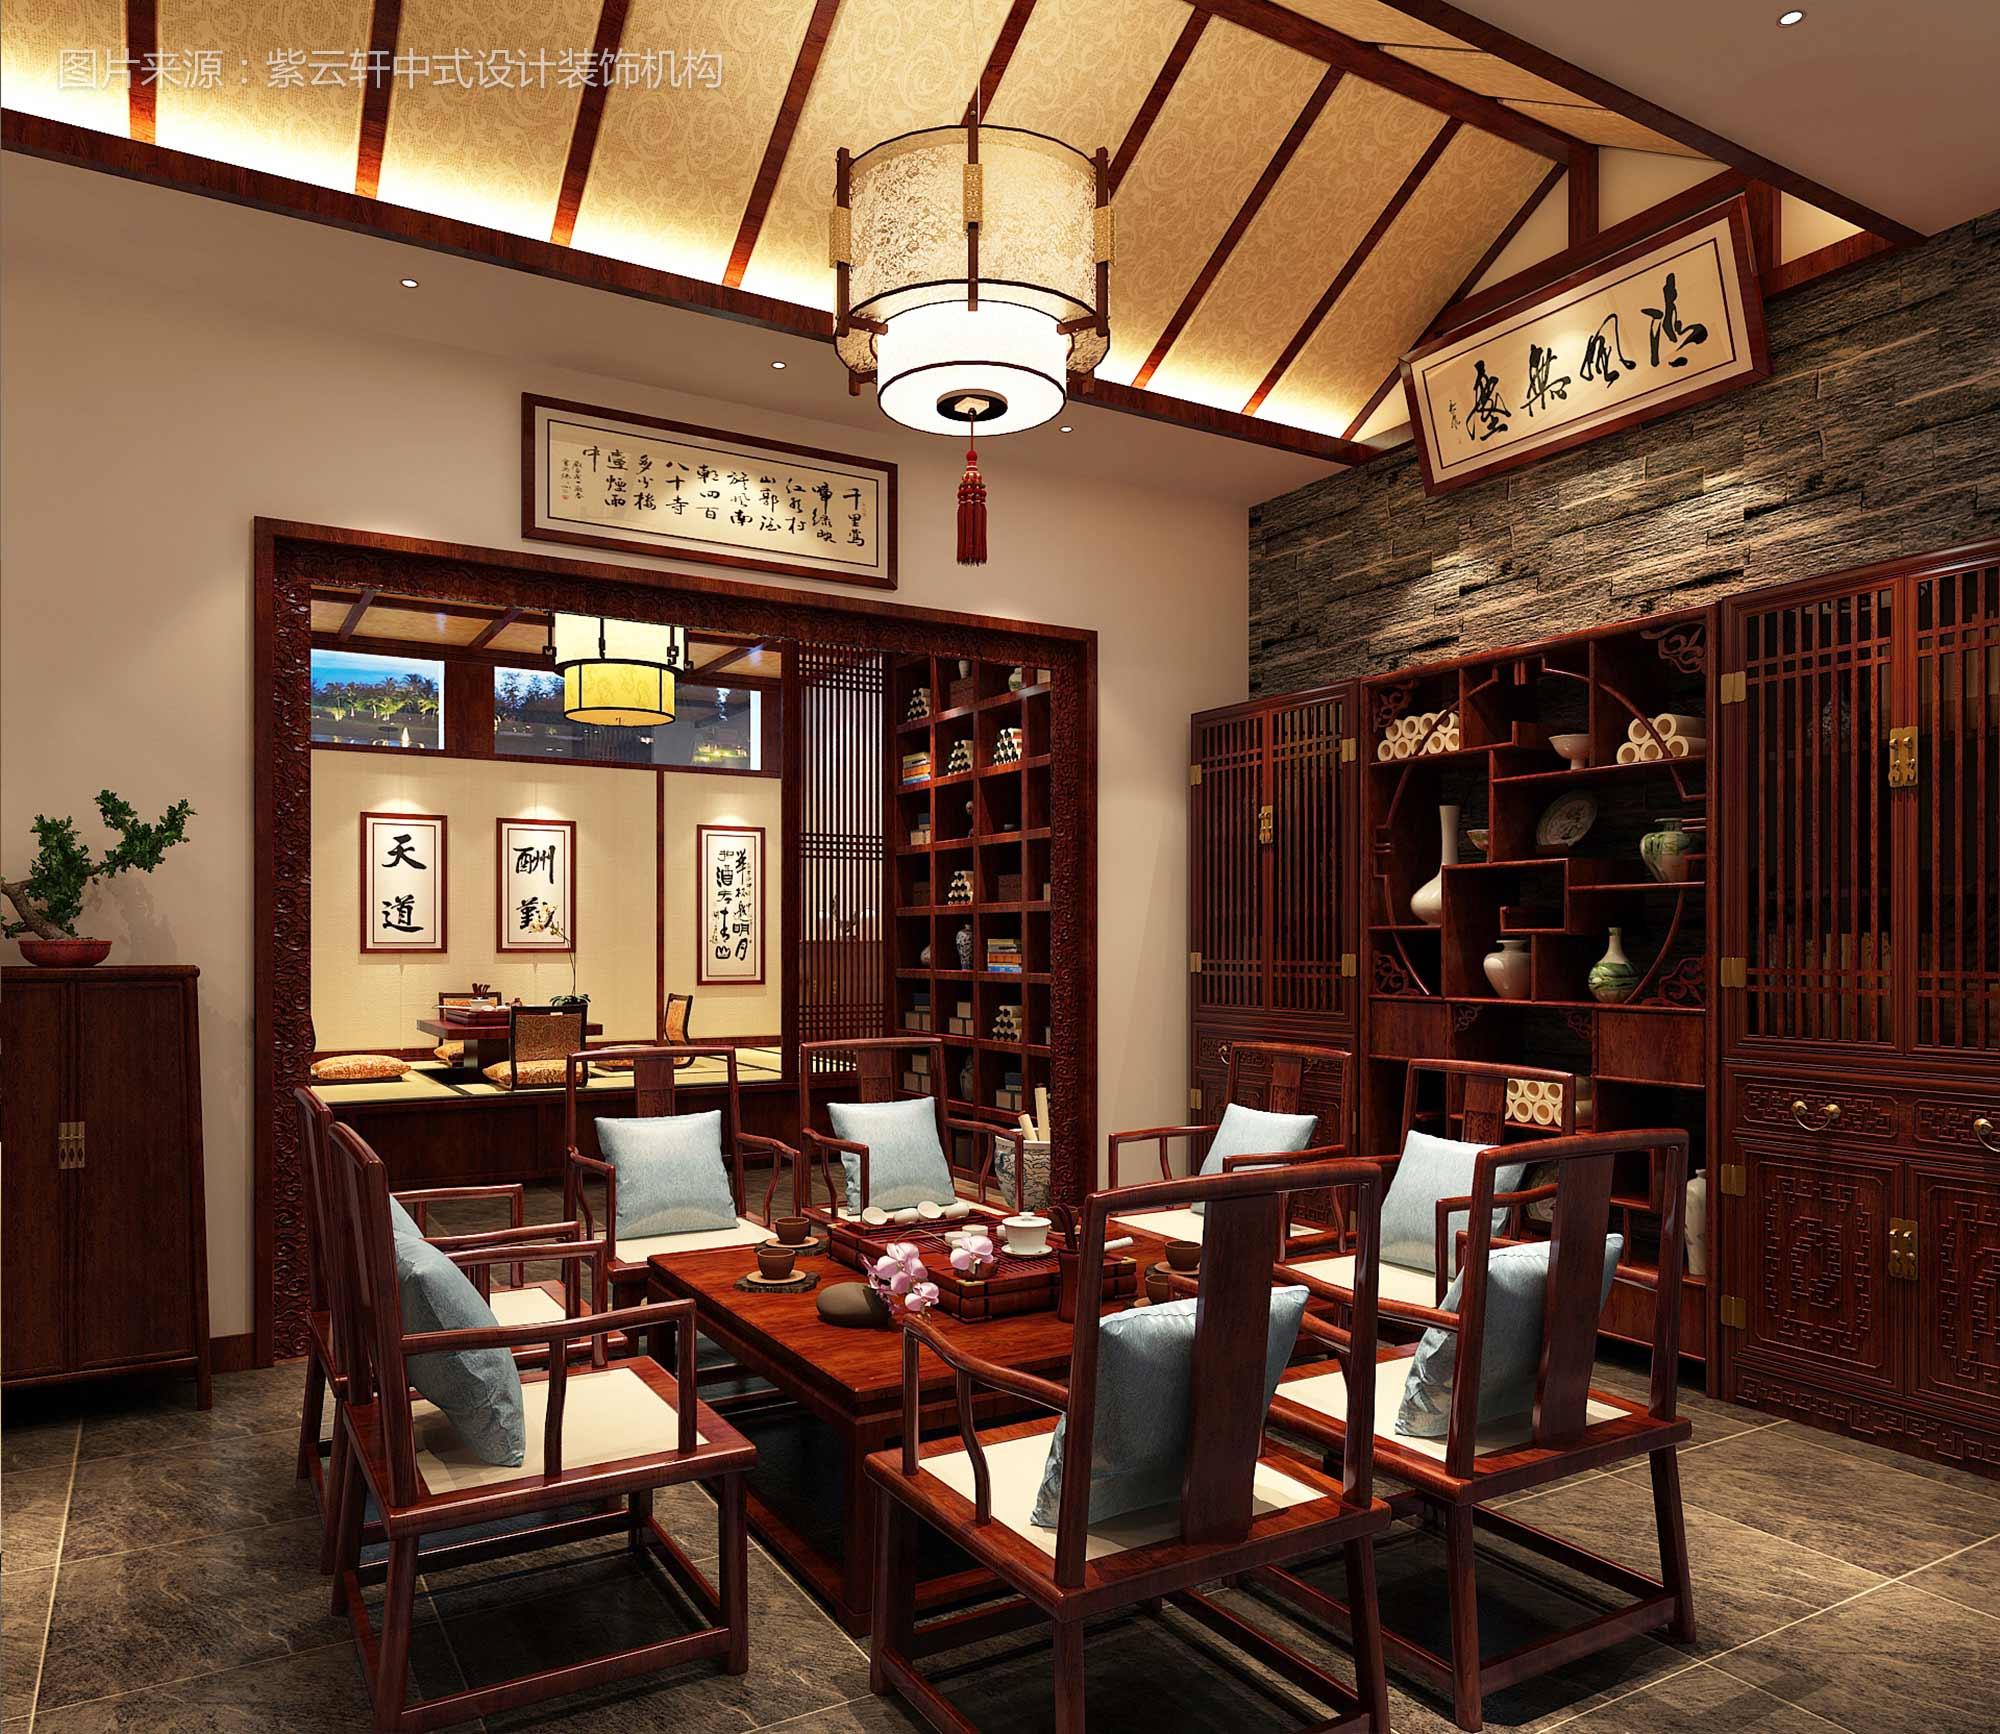 茶室和餐厅的中式装修风格